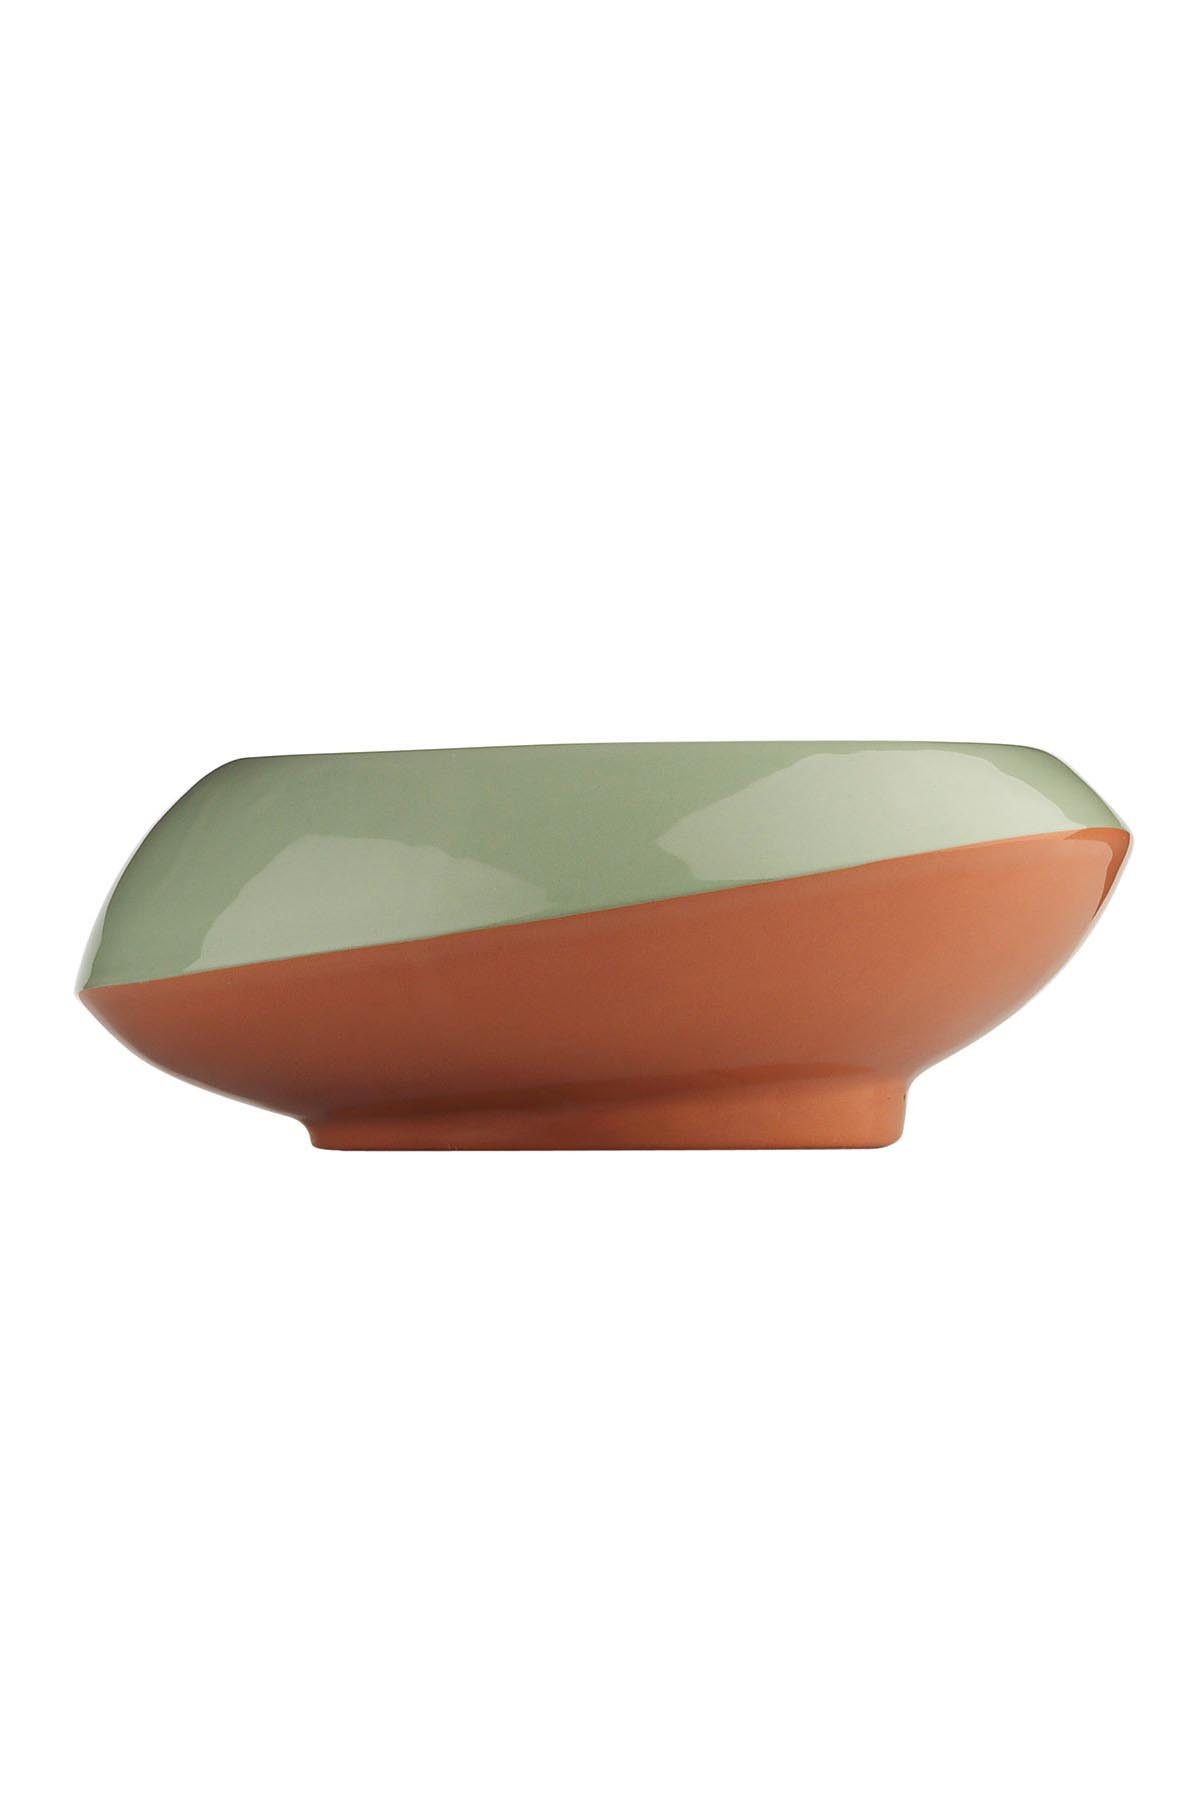 Aura 16 Cm Kase 3 Renk Kırmızı-Yeşil-Siyah